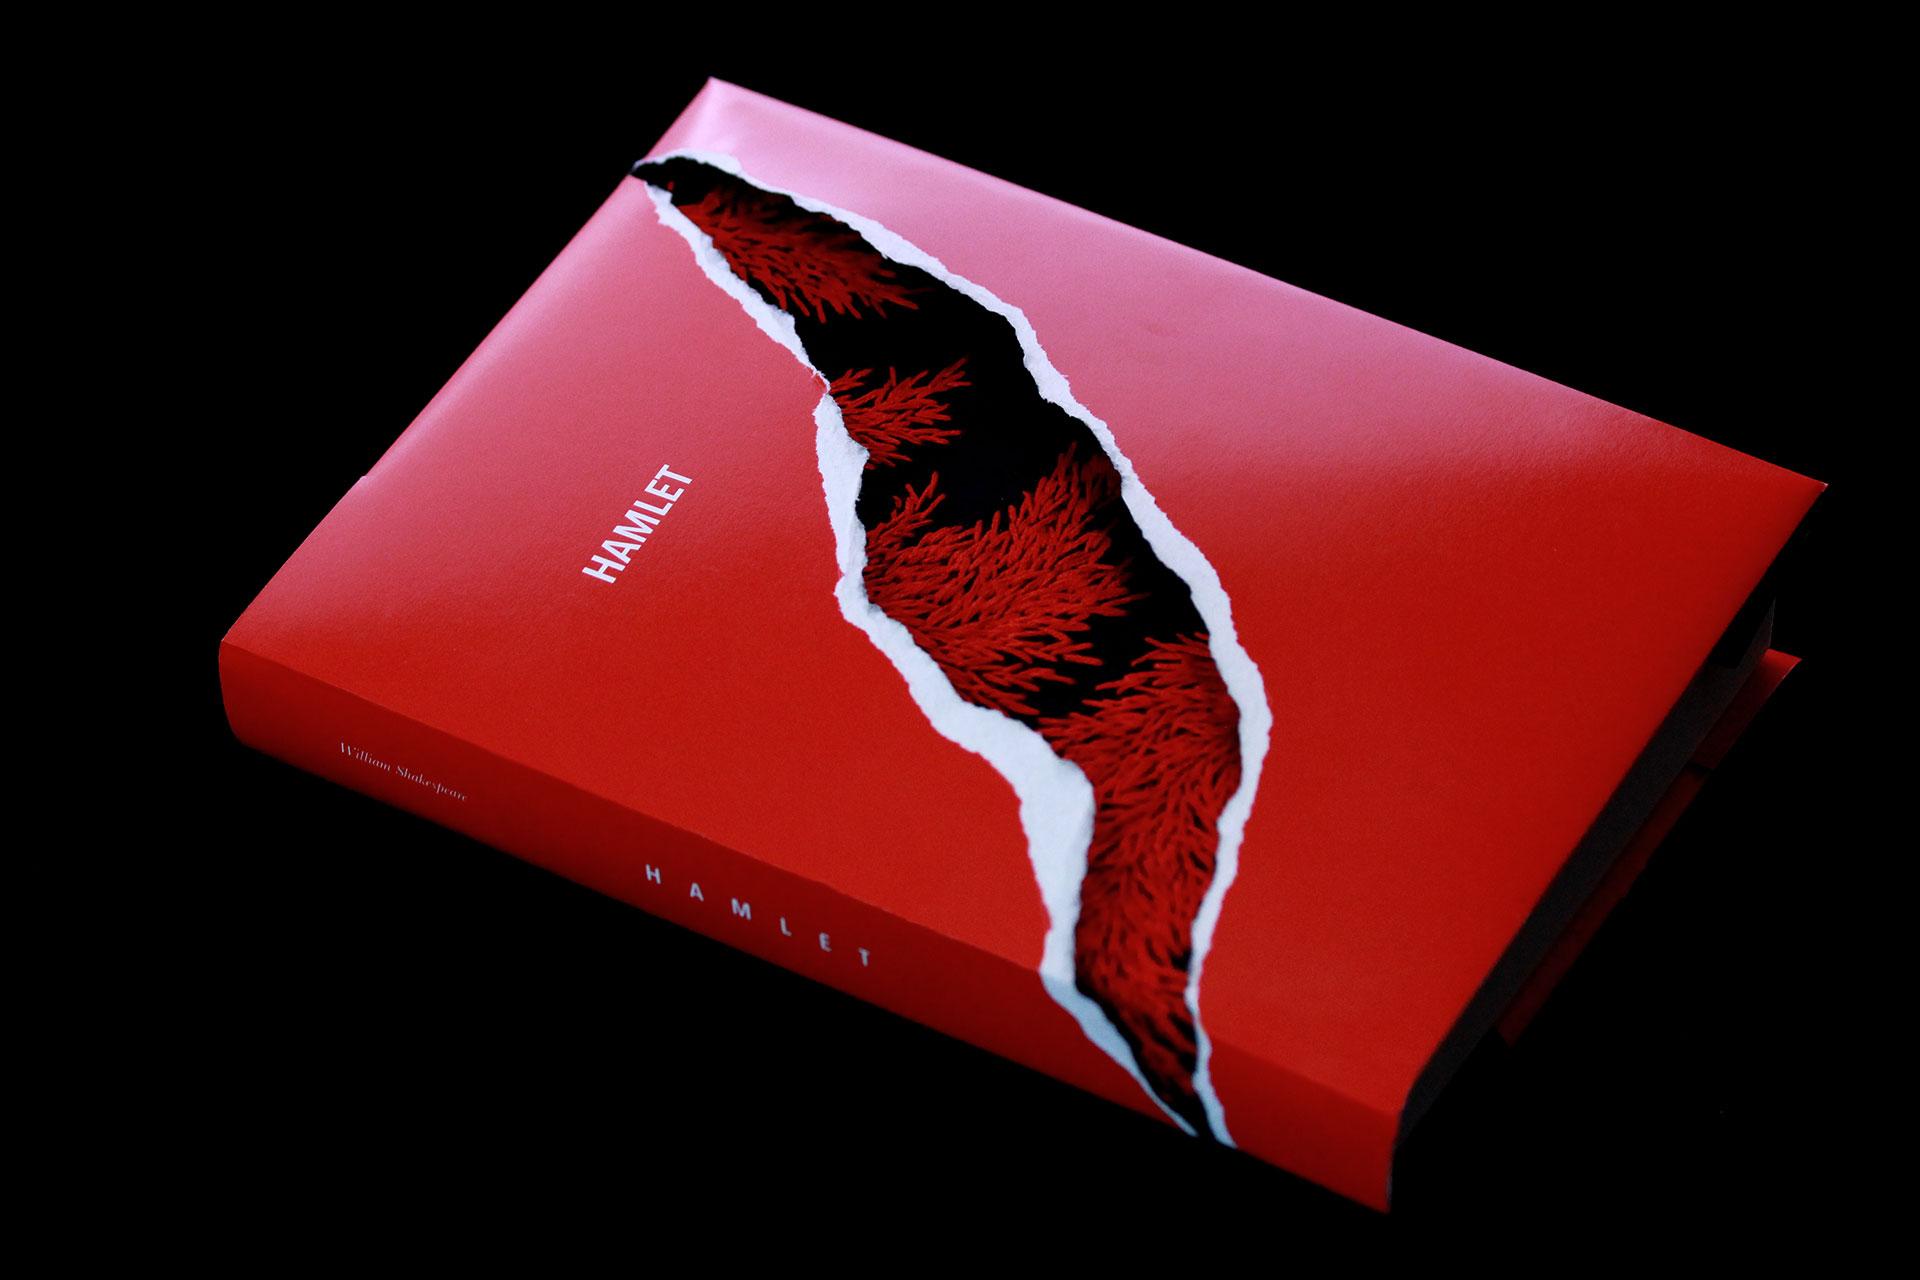 1-Hamlet-Book-Cover